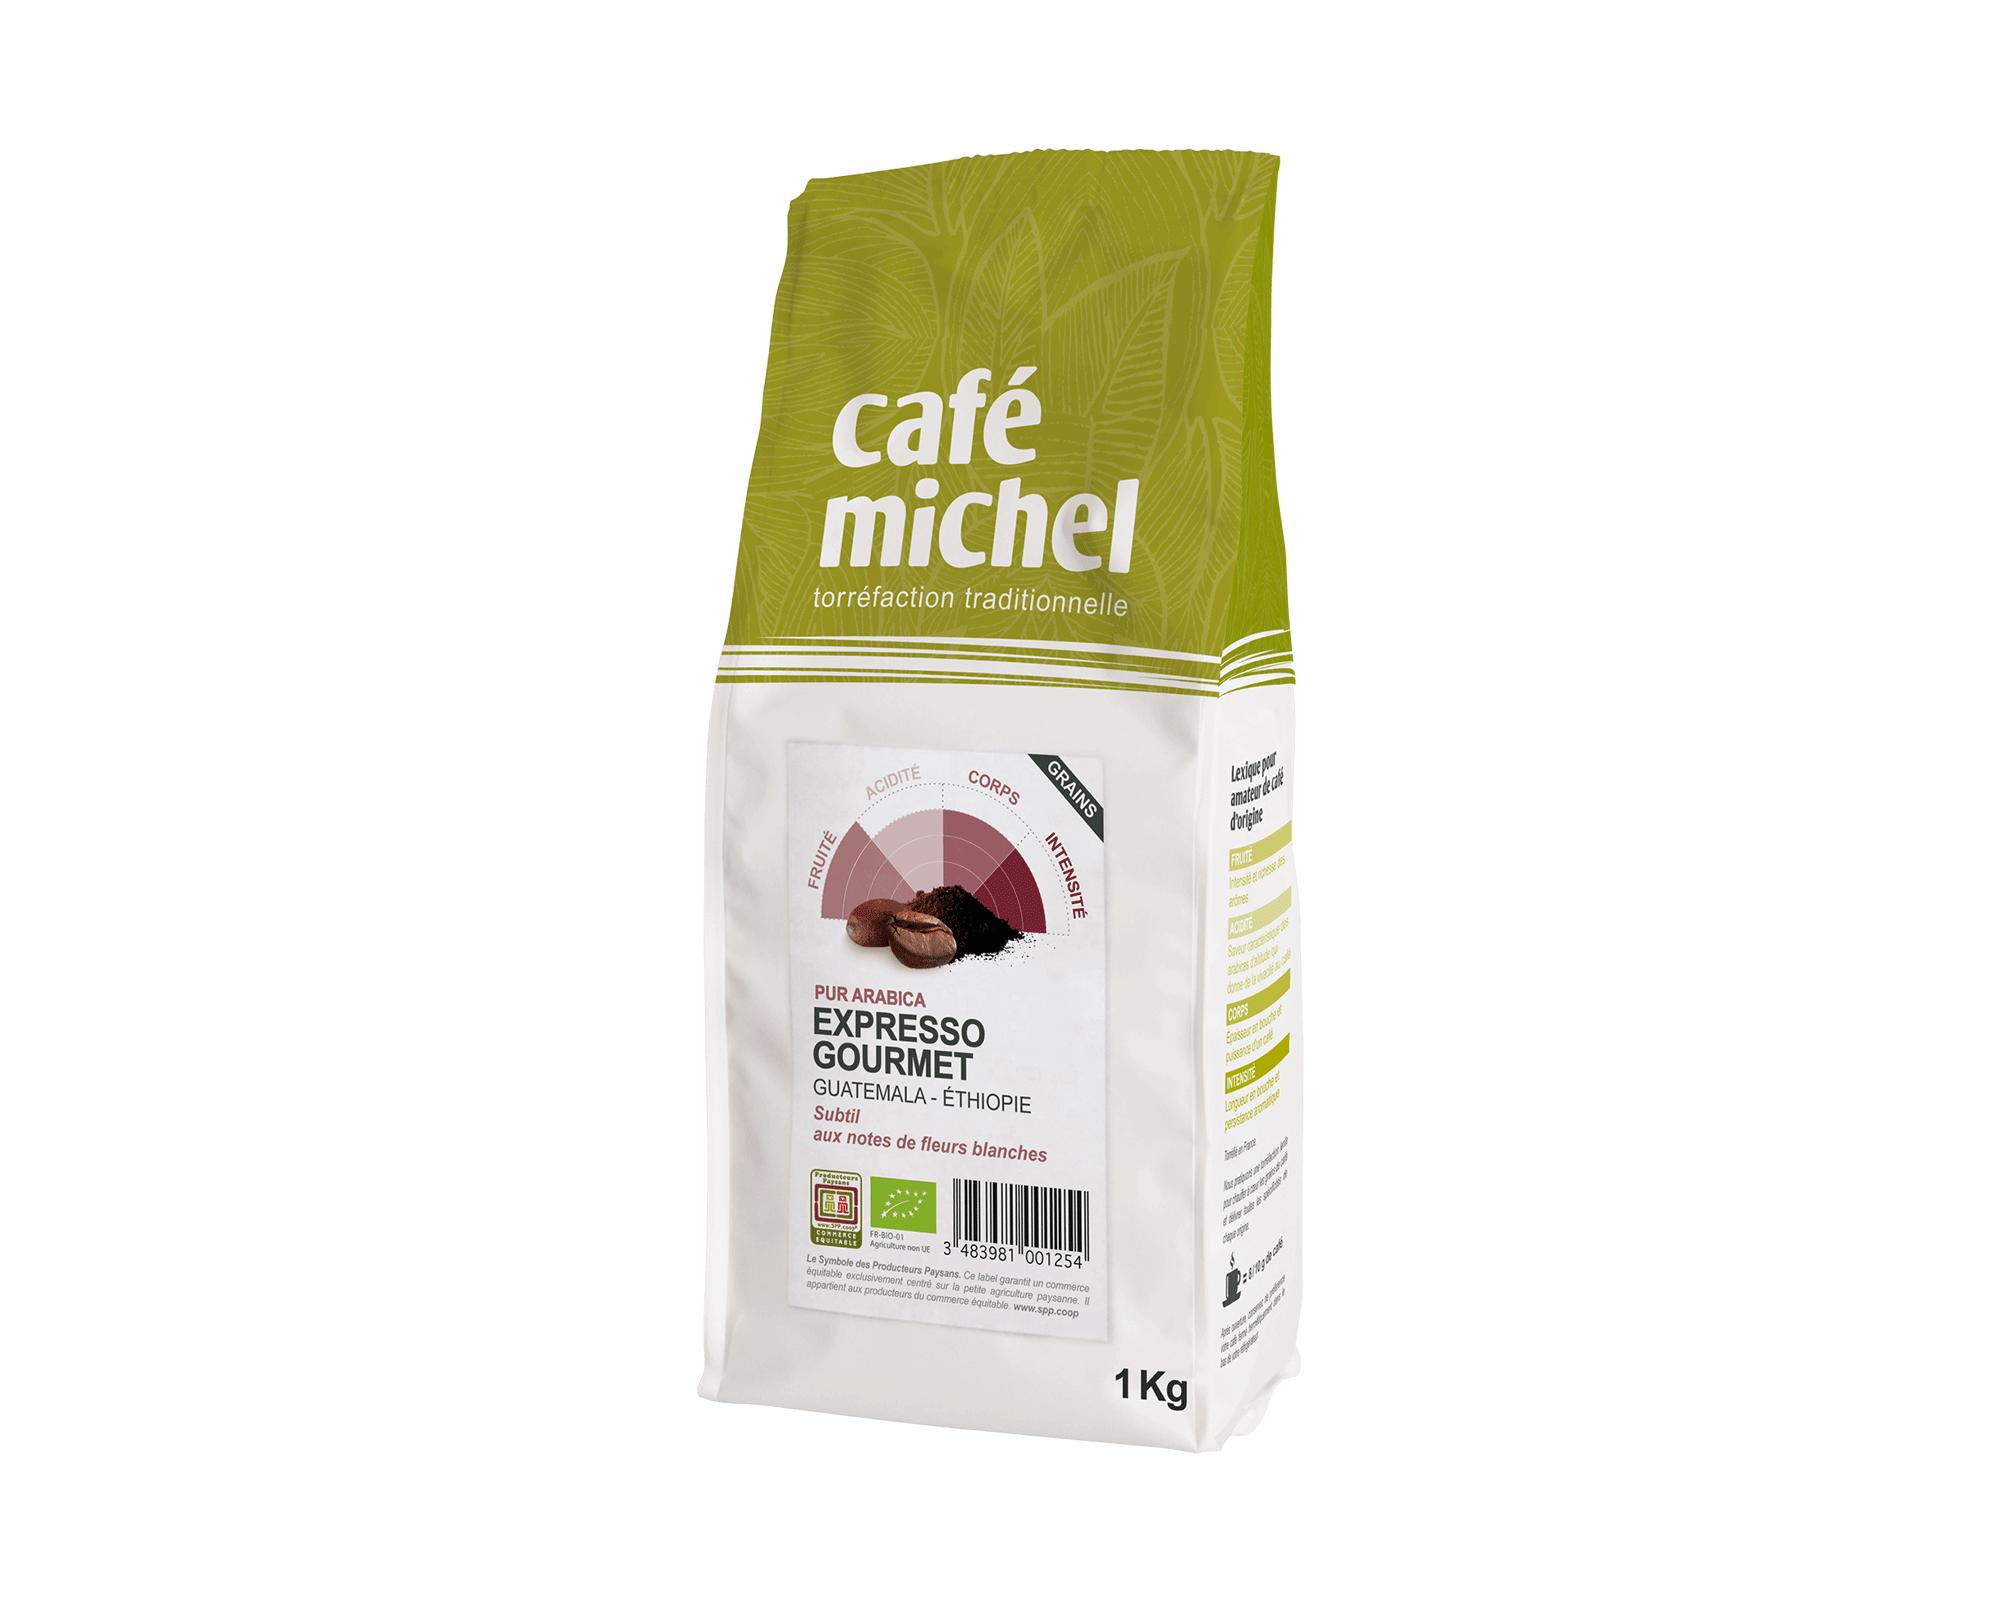 Pur arabica Mexique Grains biologique et équitable 500g I Café Michel